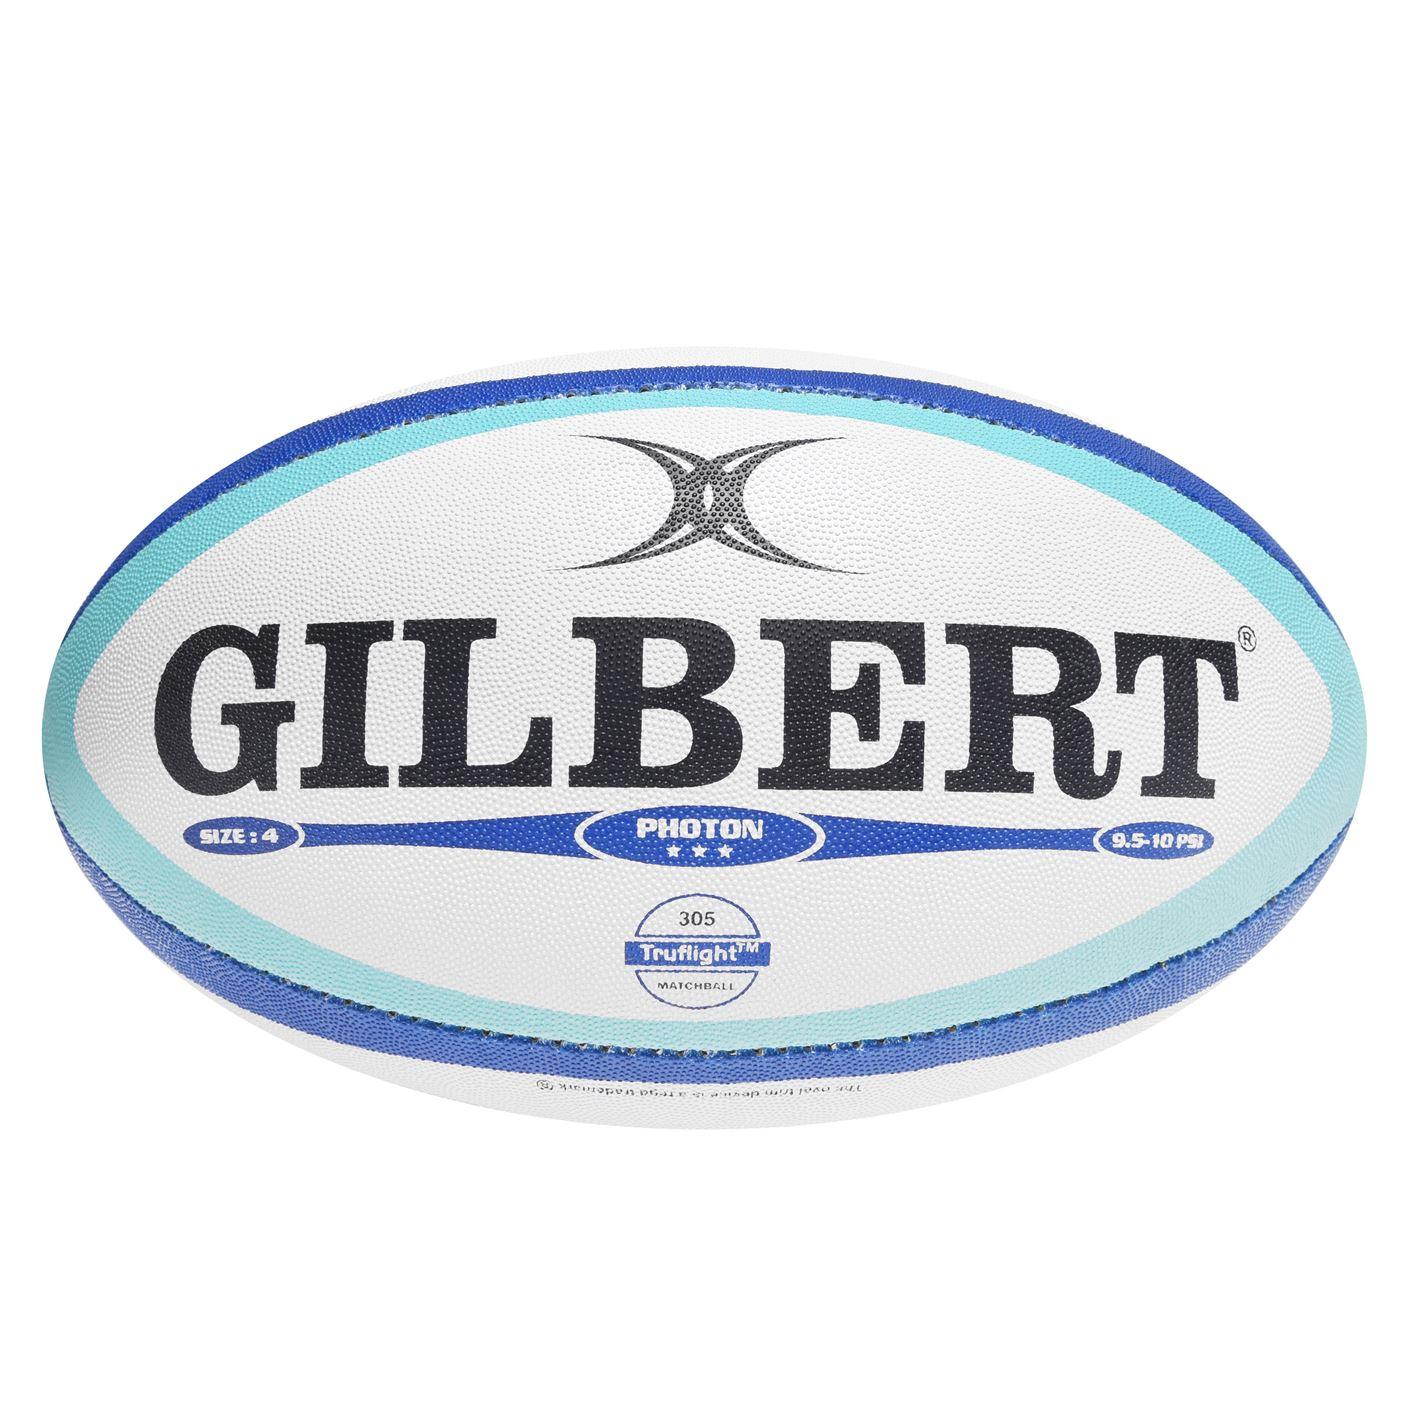 Mergi la Minge rugby Gilbert Photon sky albastru